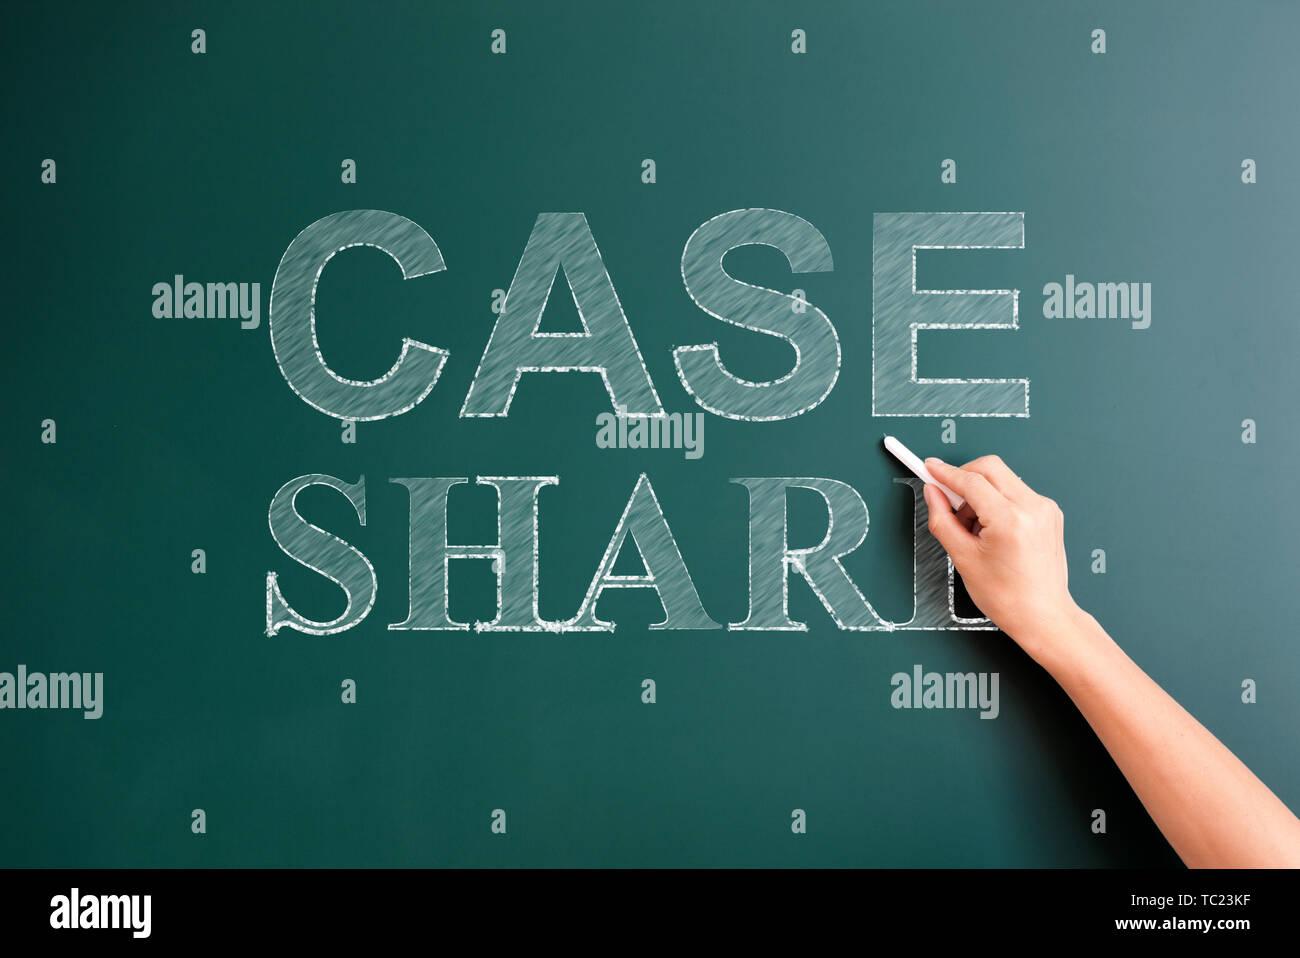 case share written on blackboard - Stock Image